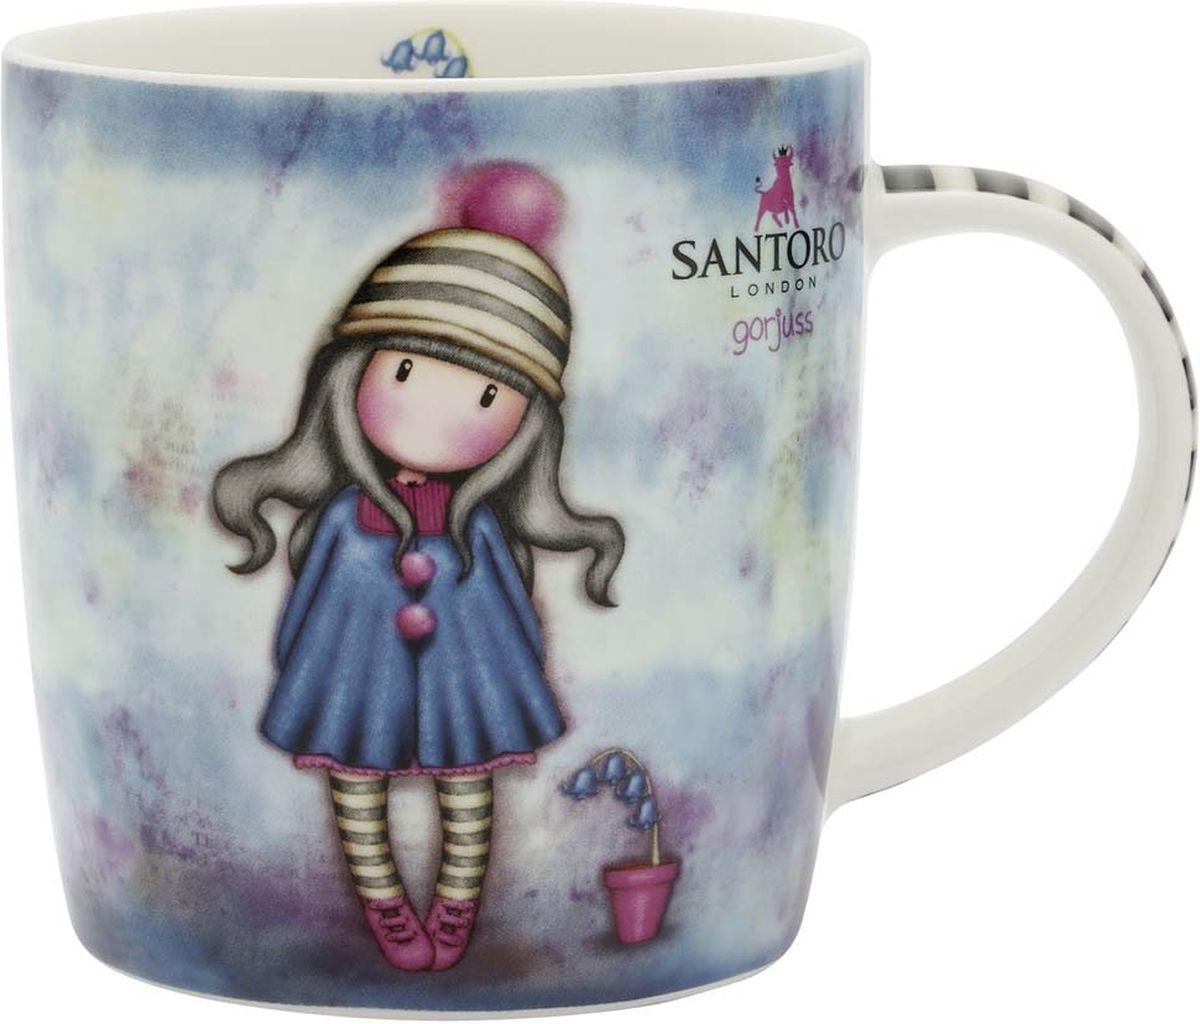 Кружка Santoro London Pom-Pom, цвет: синий, 330 мл320GJ16Настало время настоящего английского чаепития с Gorjuss! Оригинальная кружка для девочек — подарок в британском стиле для любительниц чая, какао и горячего шоколада. Сказочная кружка Santoro London Pom-Pom изготовлена из костяного фарфора.Подходит для использования в посудомоечной машине и микроволновке. Поставляется в подарочной упаковке.